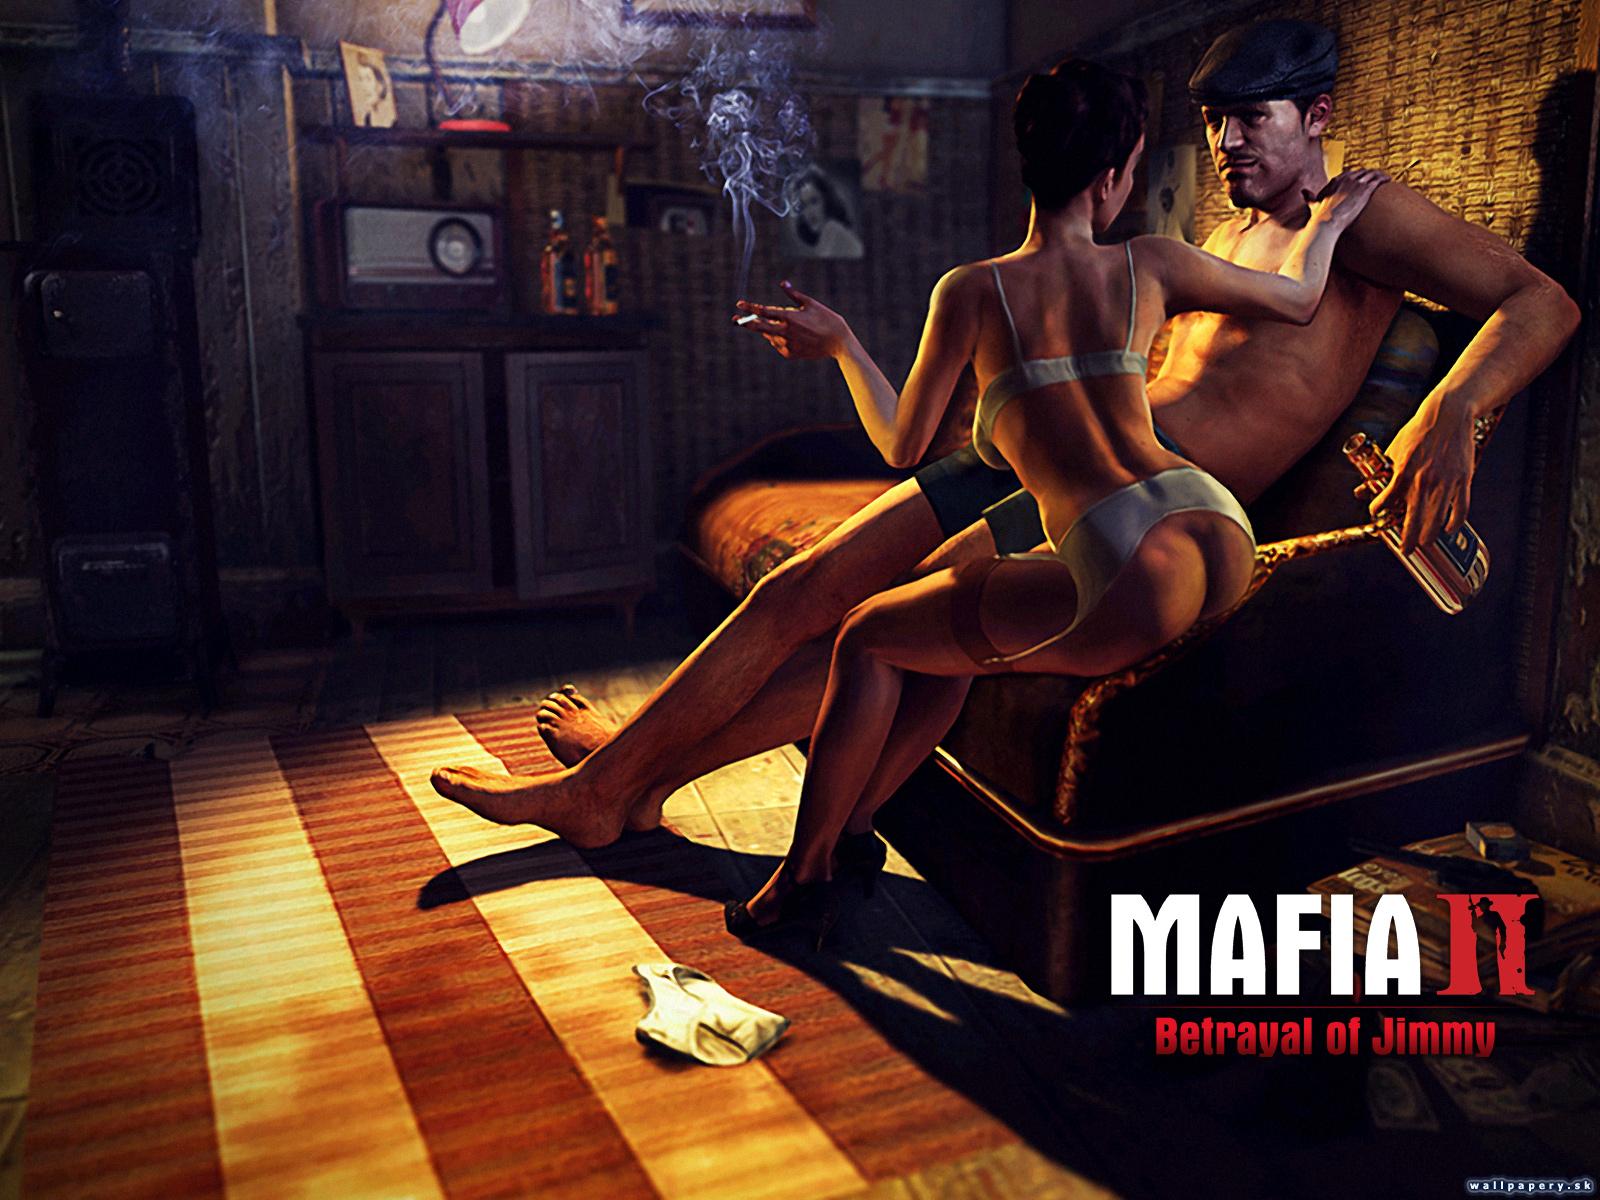 All porn from mafia 2 porn clips